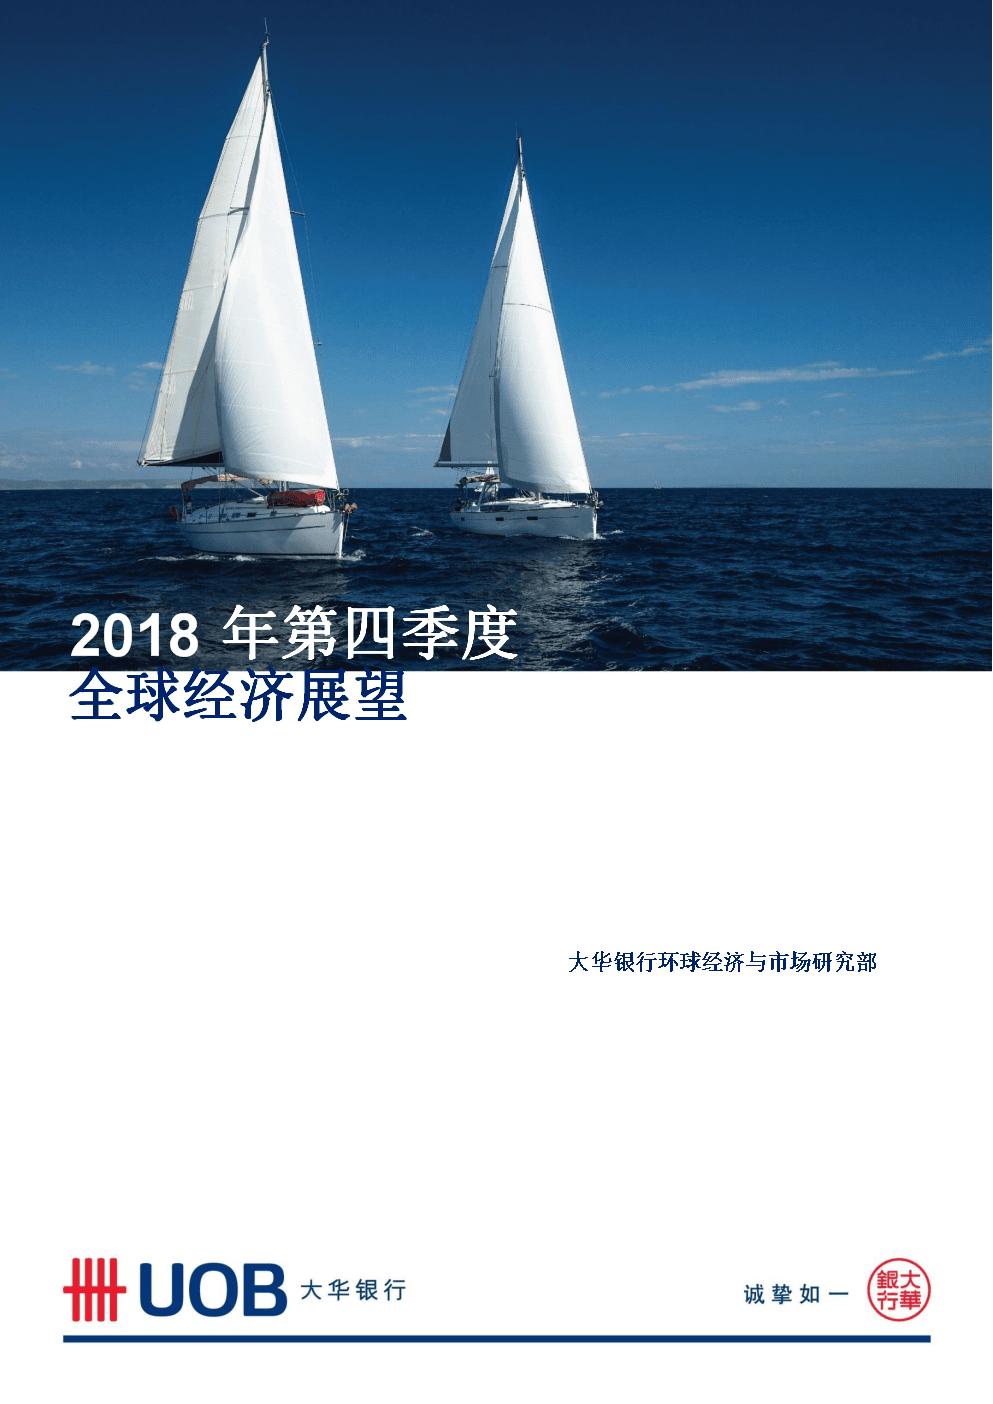 2018 年第四季度全球经济展望.docx